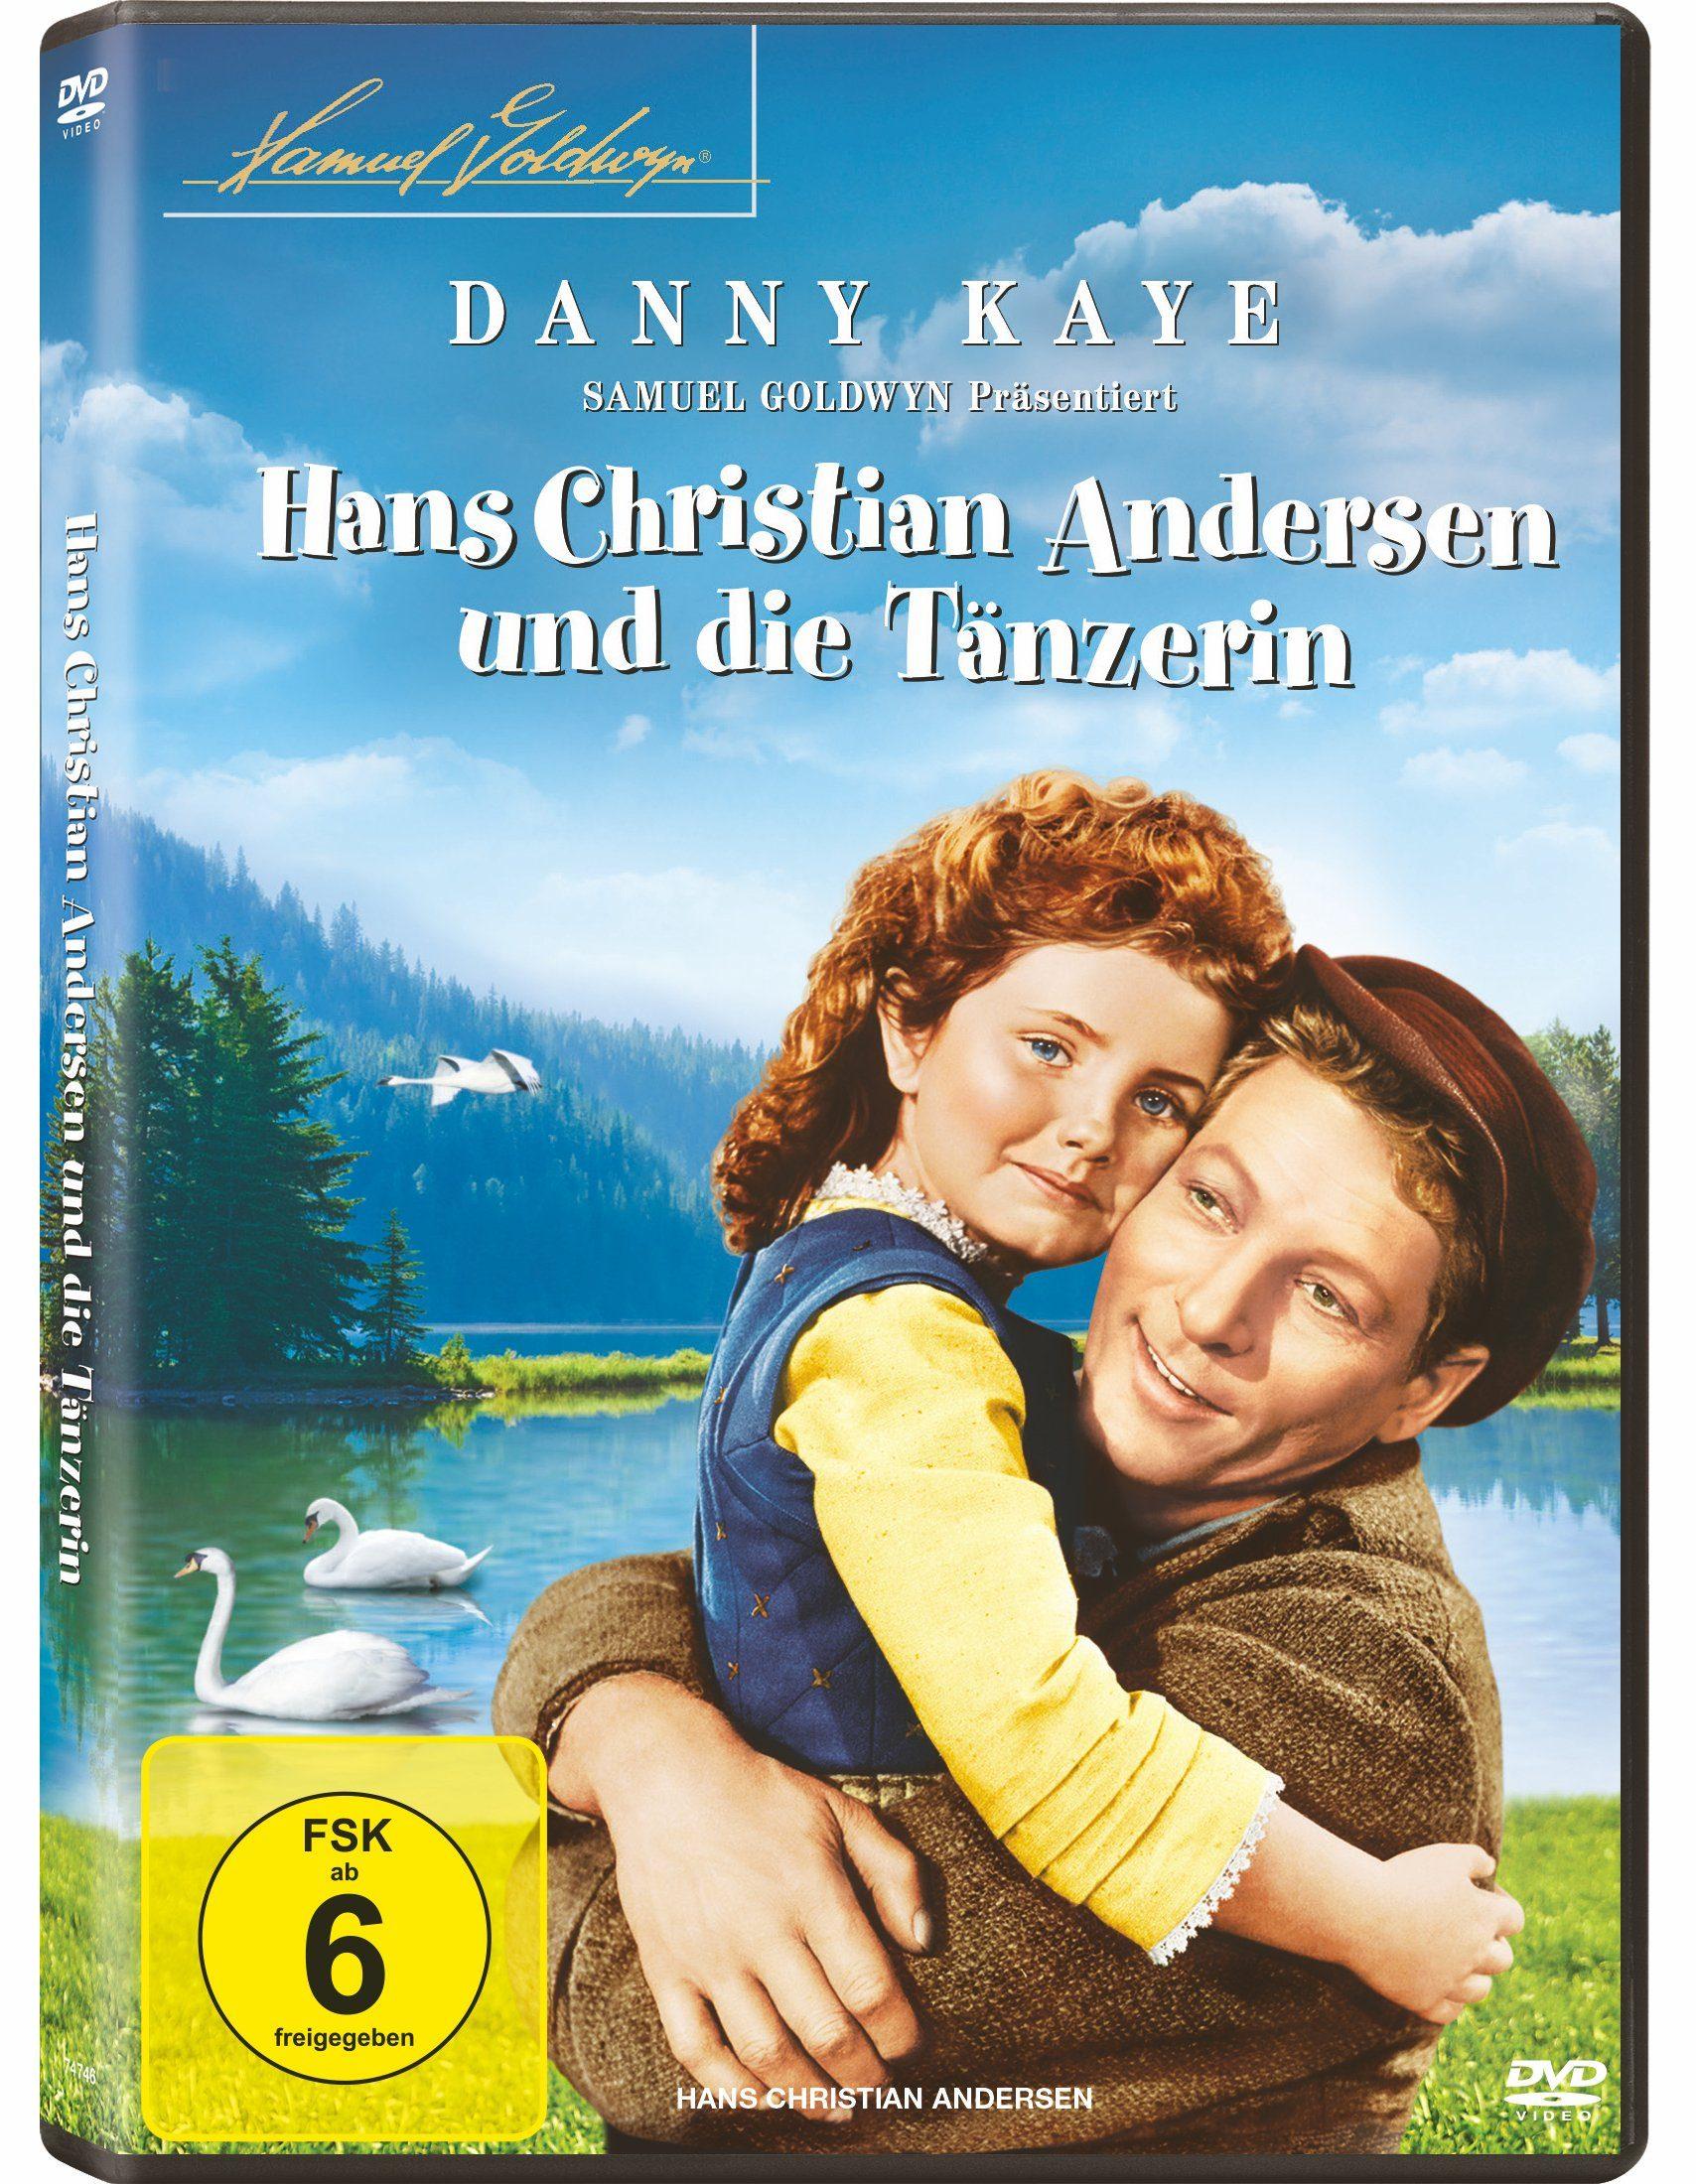 Sony Pictures DVD »Hans Christian Andersen und die Tänzerin«